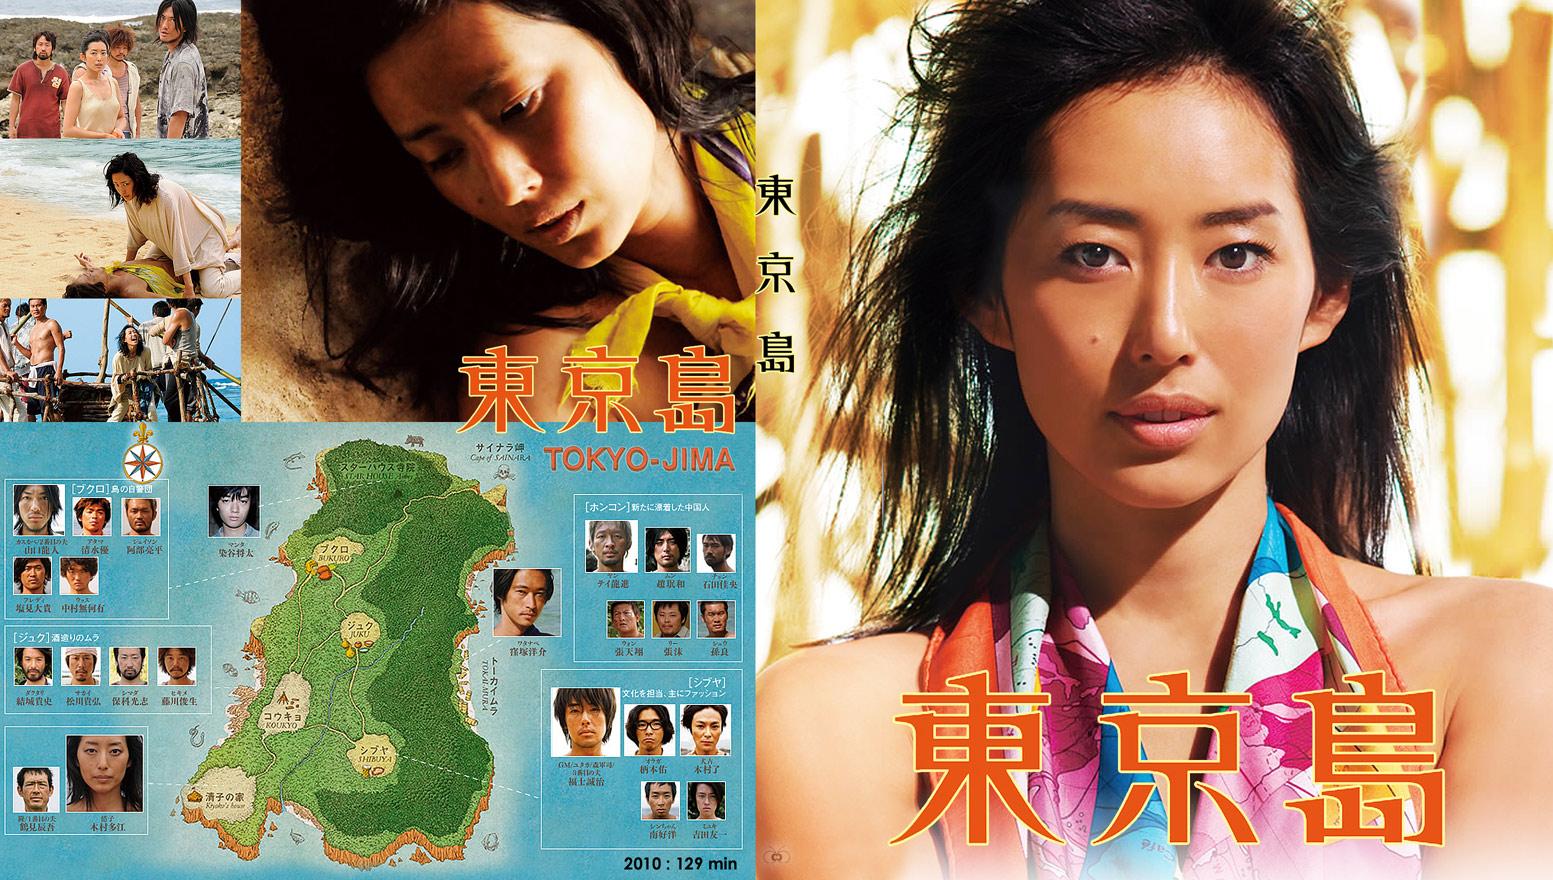 桐野夏生 孤島